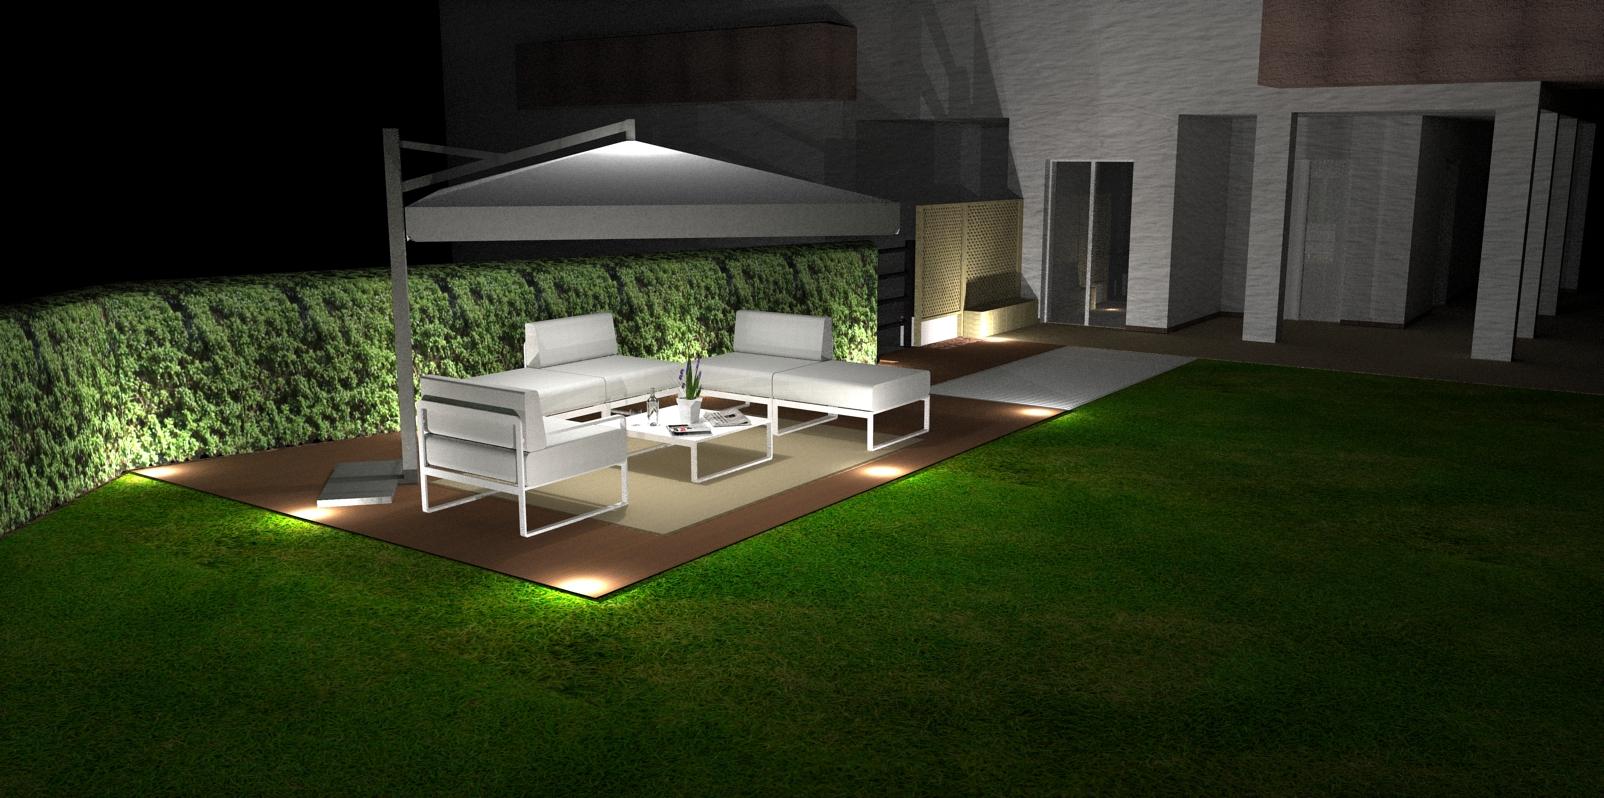 Progettazione progetto giardino - Progetto per giardino ...